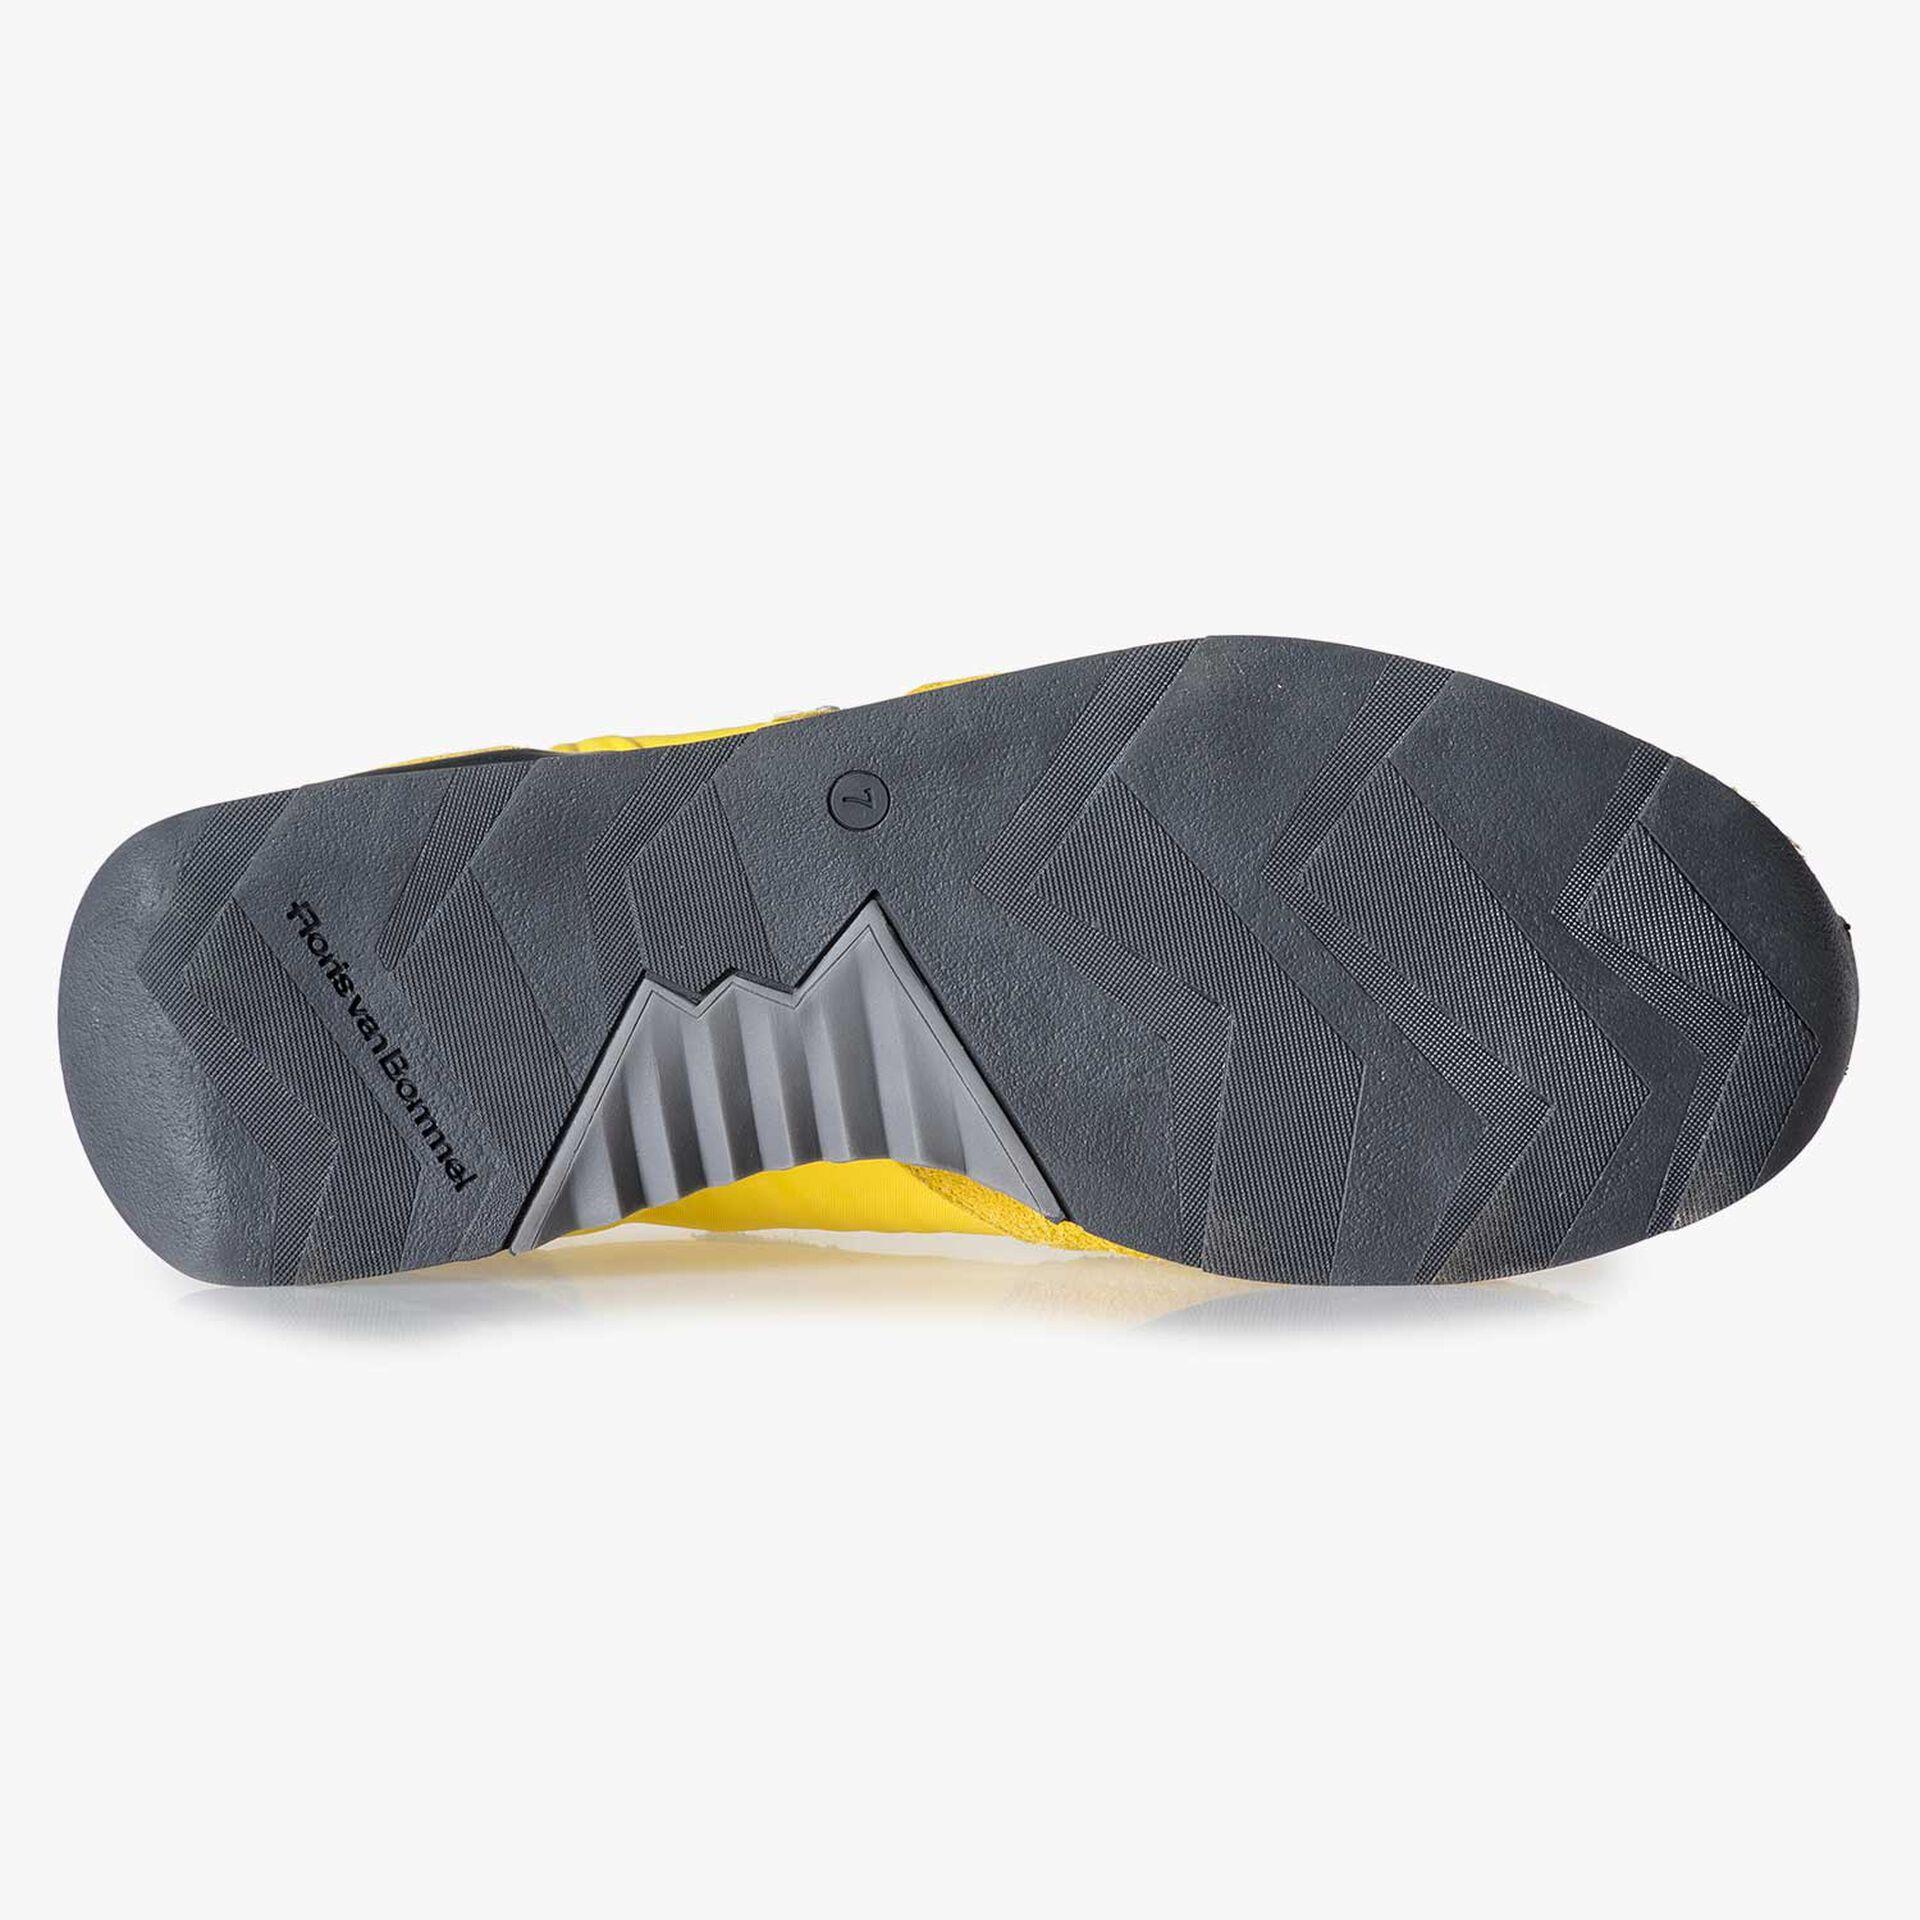 Suède sneaker geel/zwart